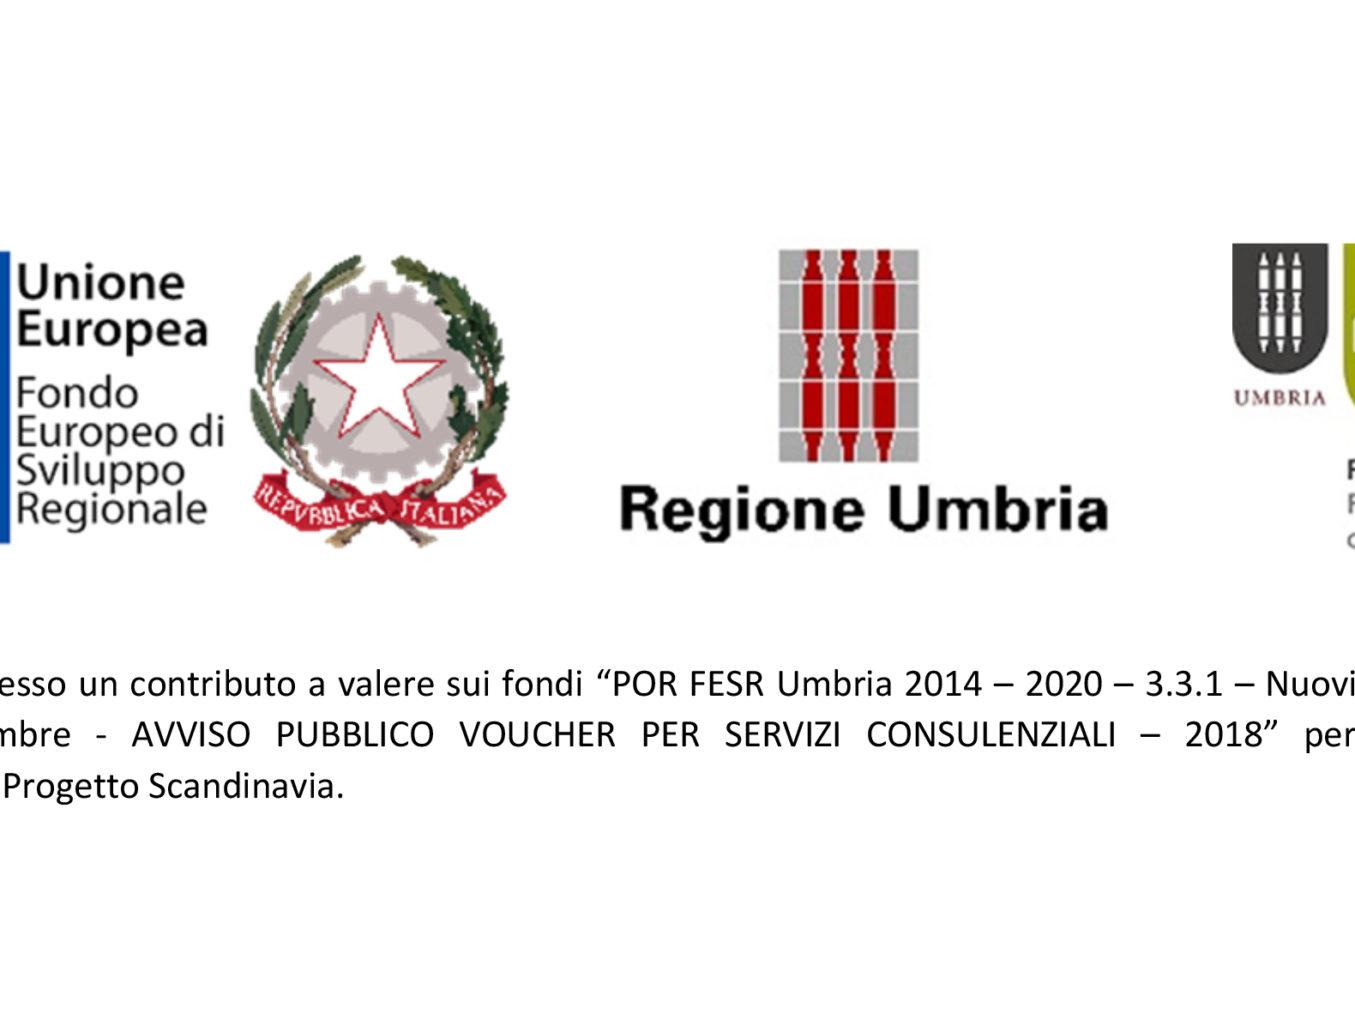 POR FESR Umbria 2014 – 2020 – 3.3.1 - Tecnokar Srl Progetto Scandinavia